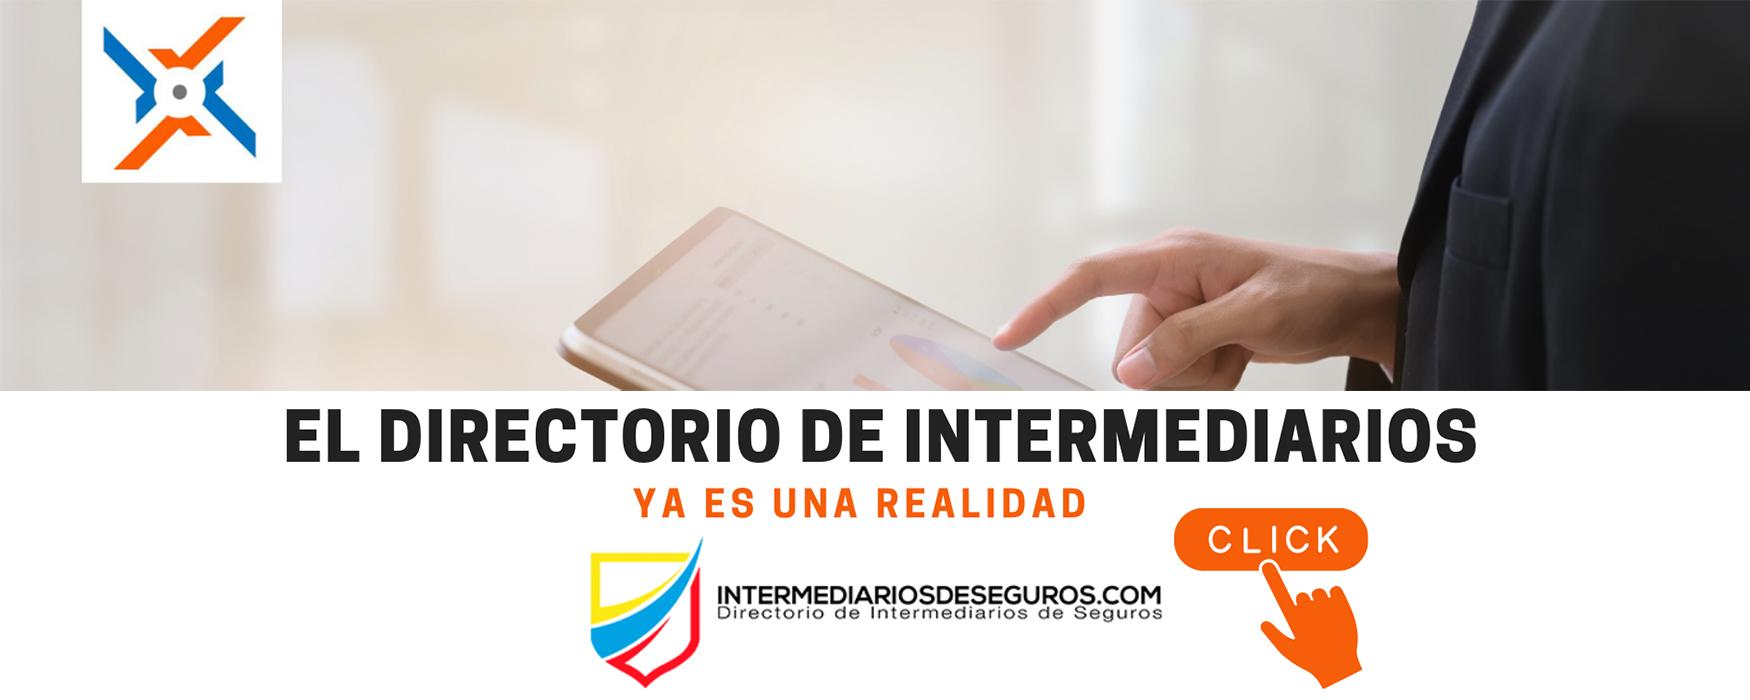 EL-DIRECTORIO-DE-INTERMEDIARIOS